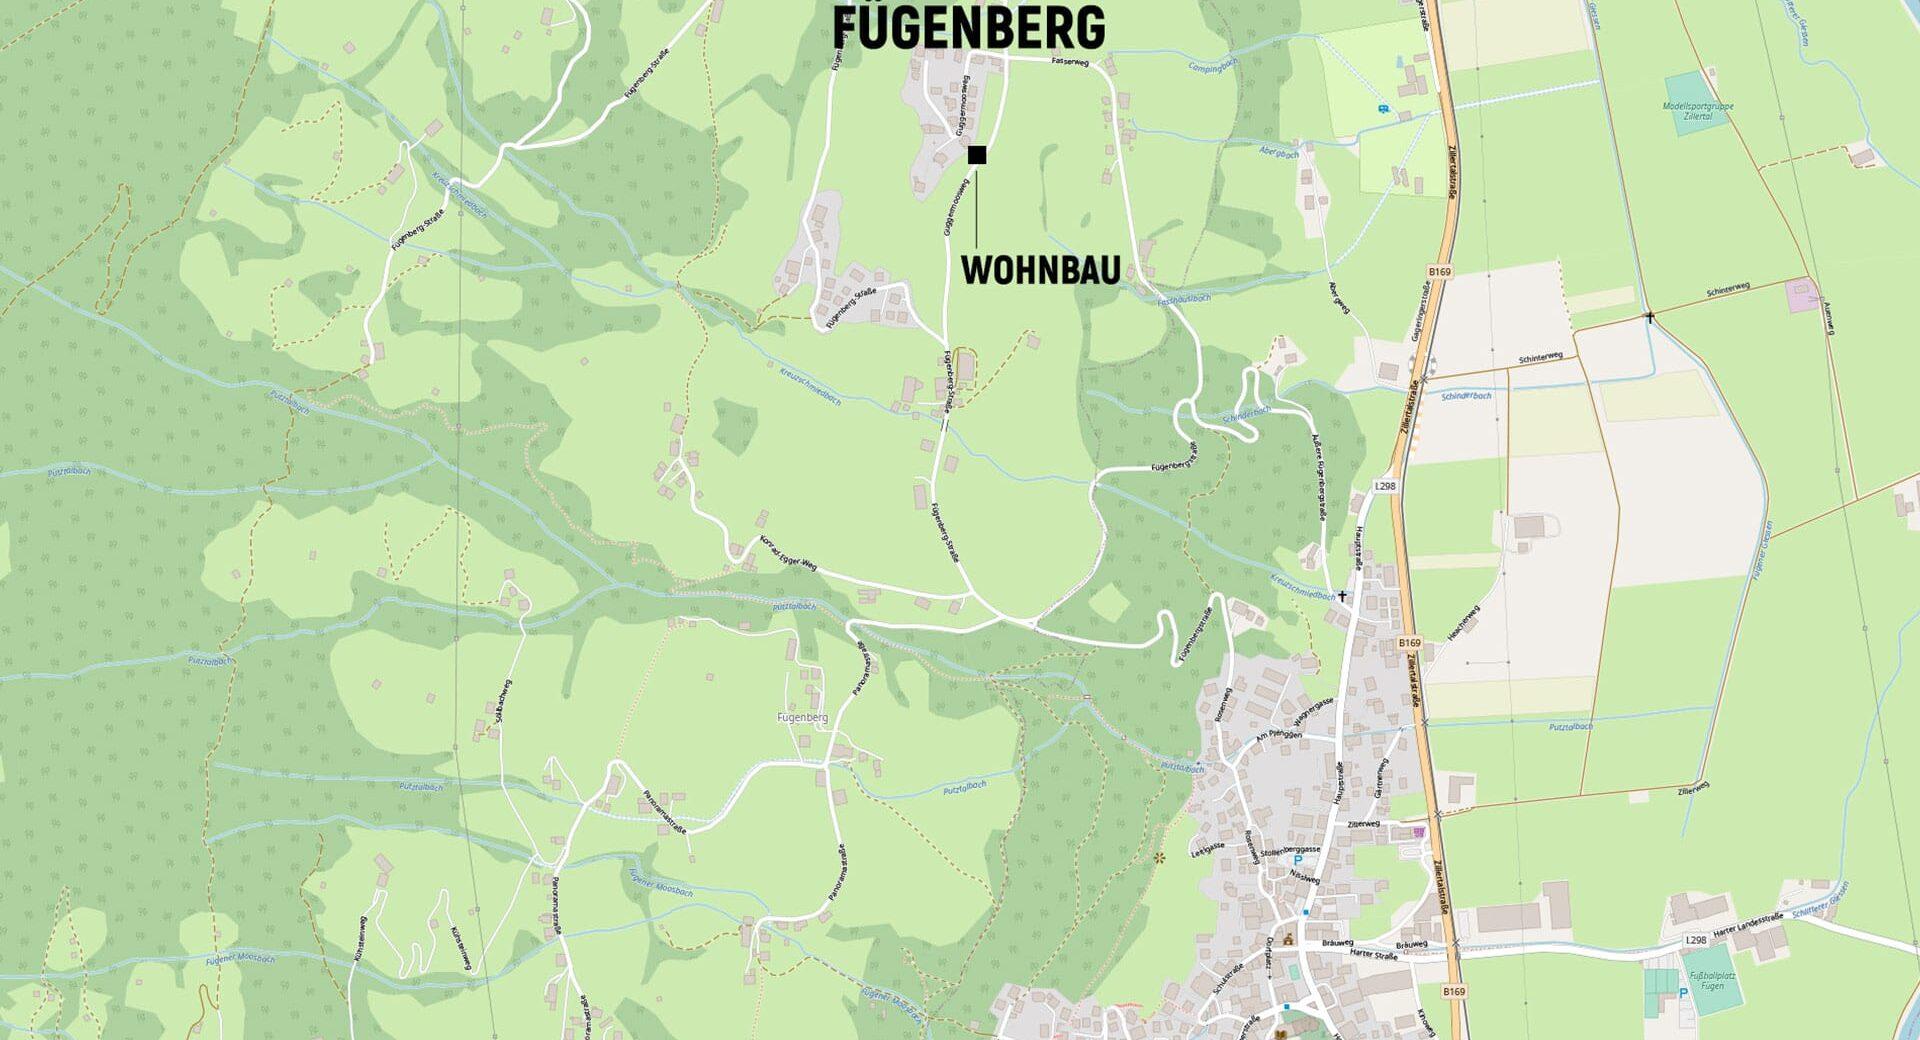 Lageplan_Wohnbau_Fügenberg